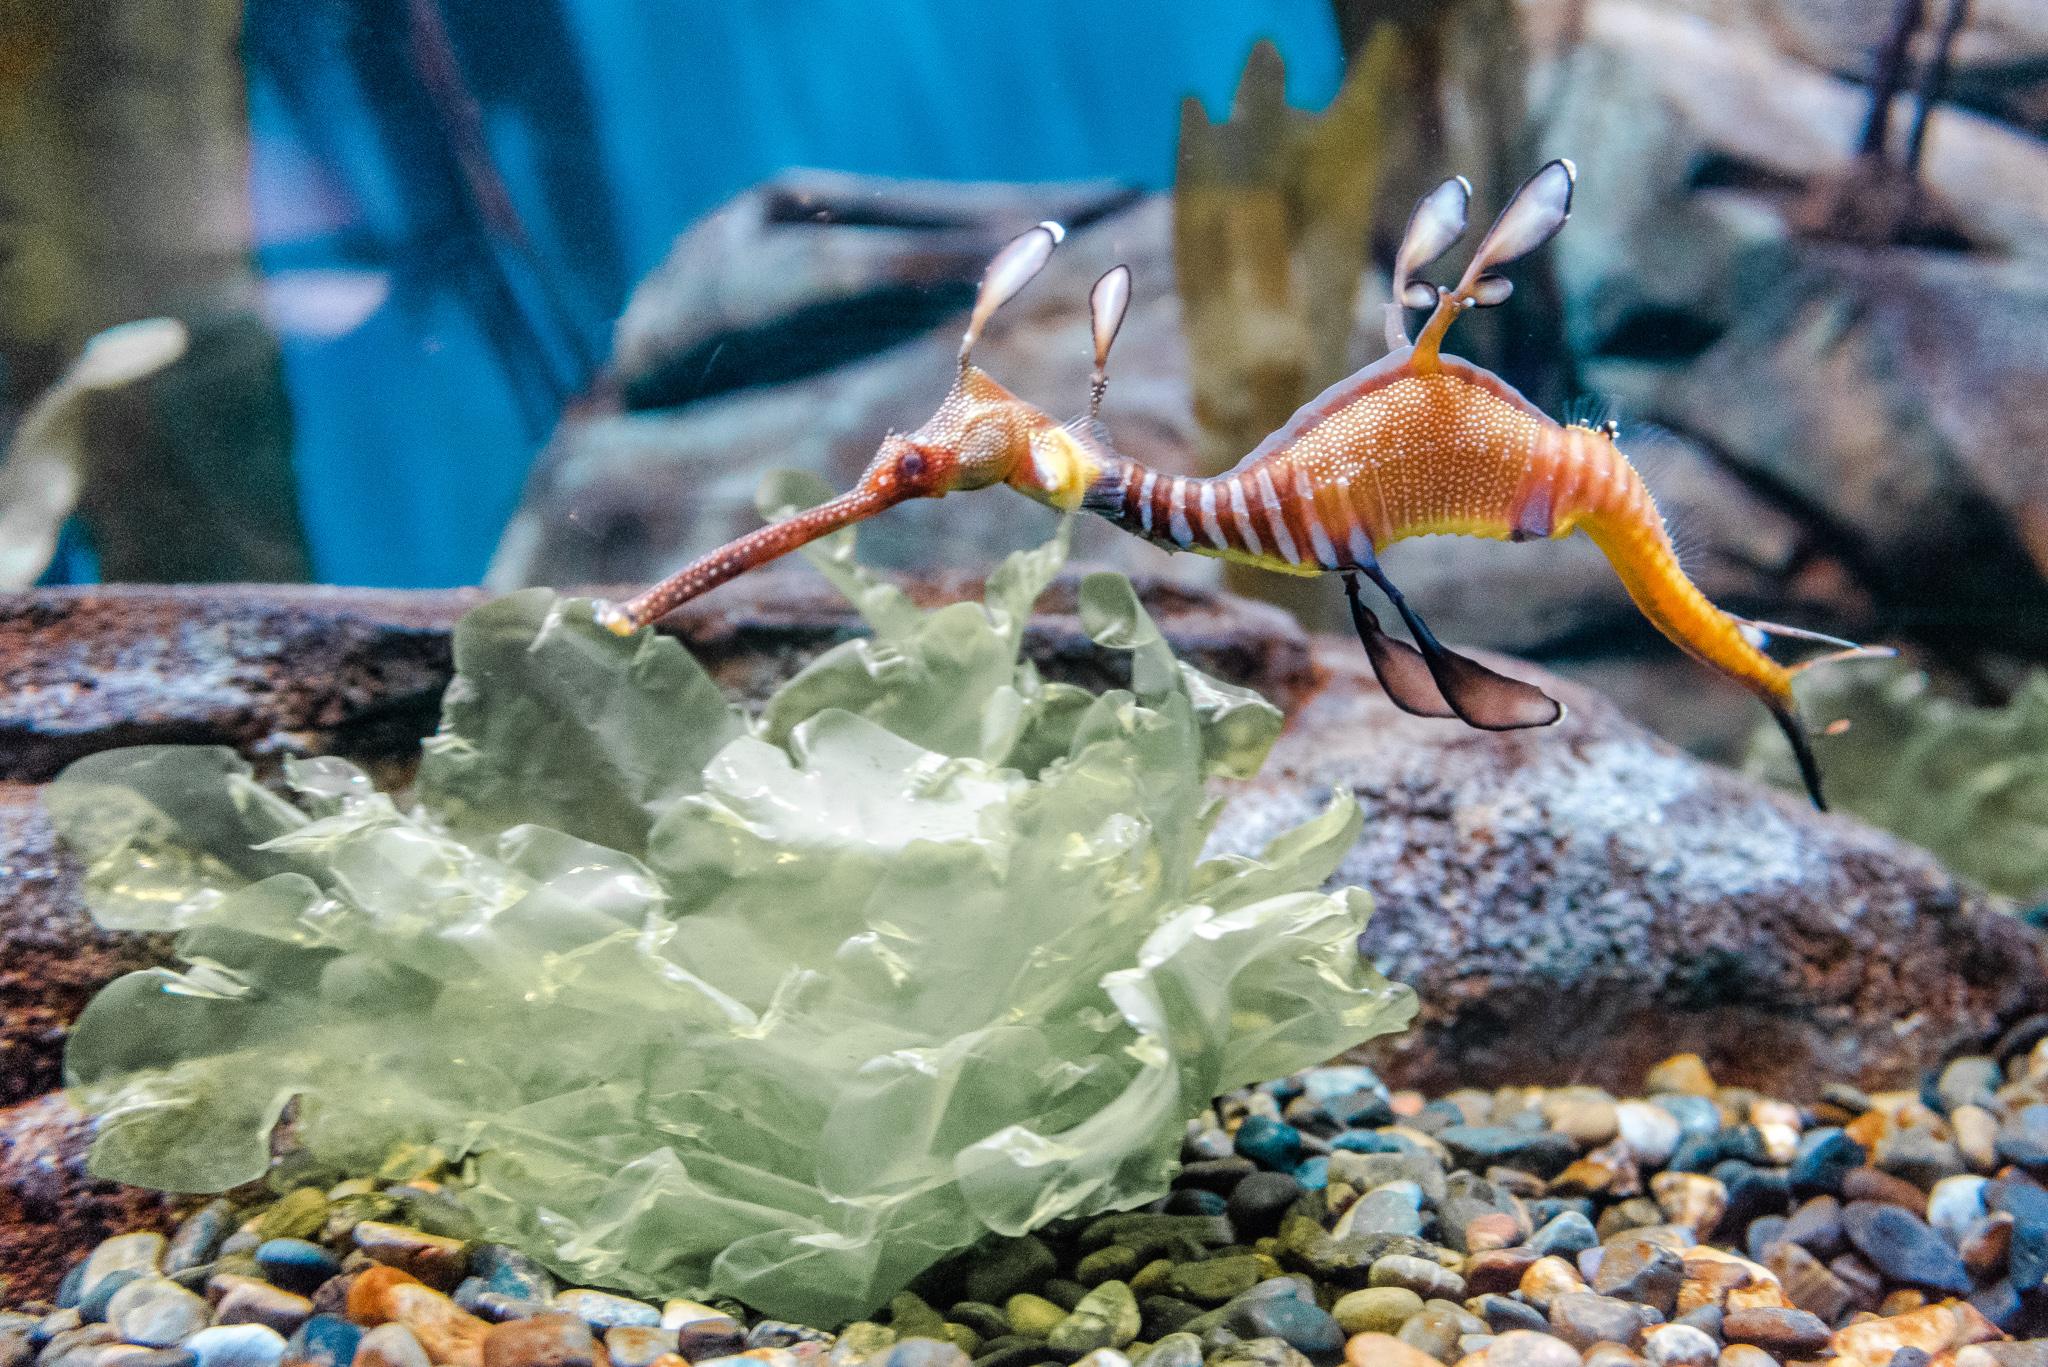 2017-04-23 - The Georgia Aquarium - 072